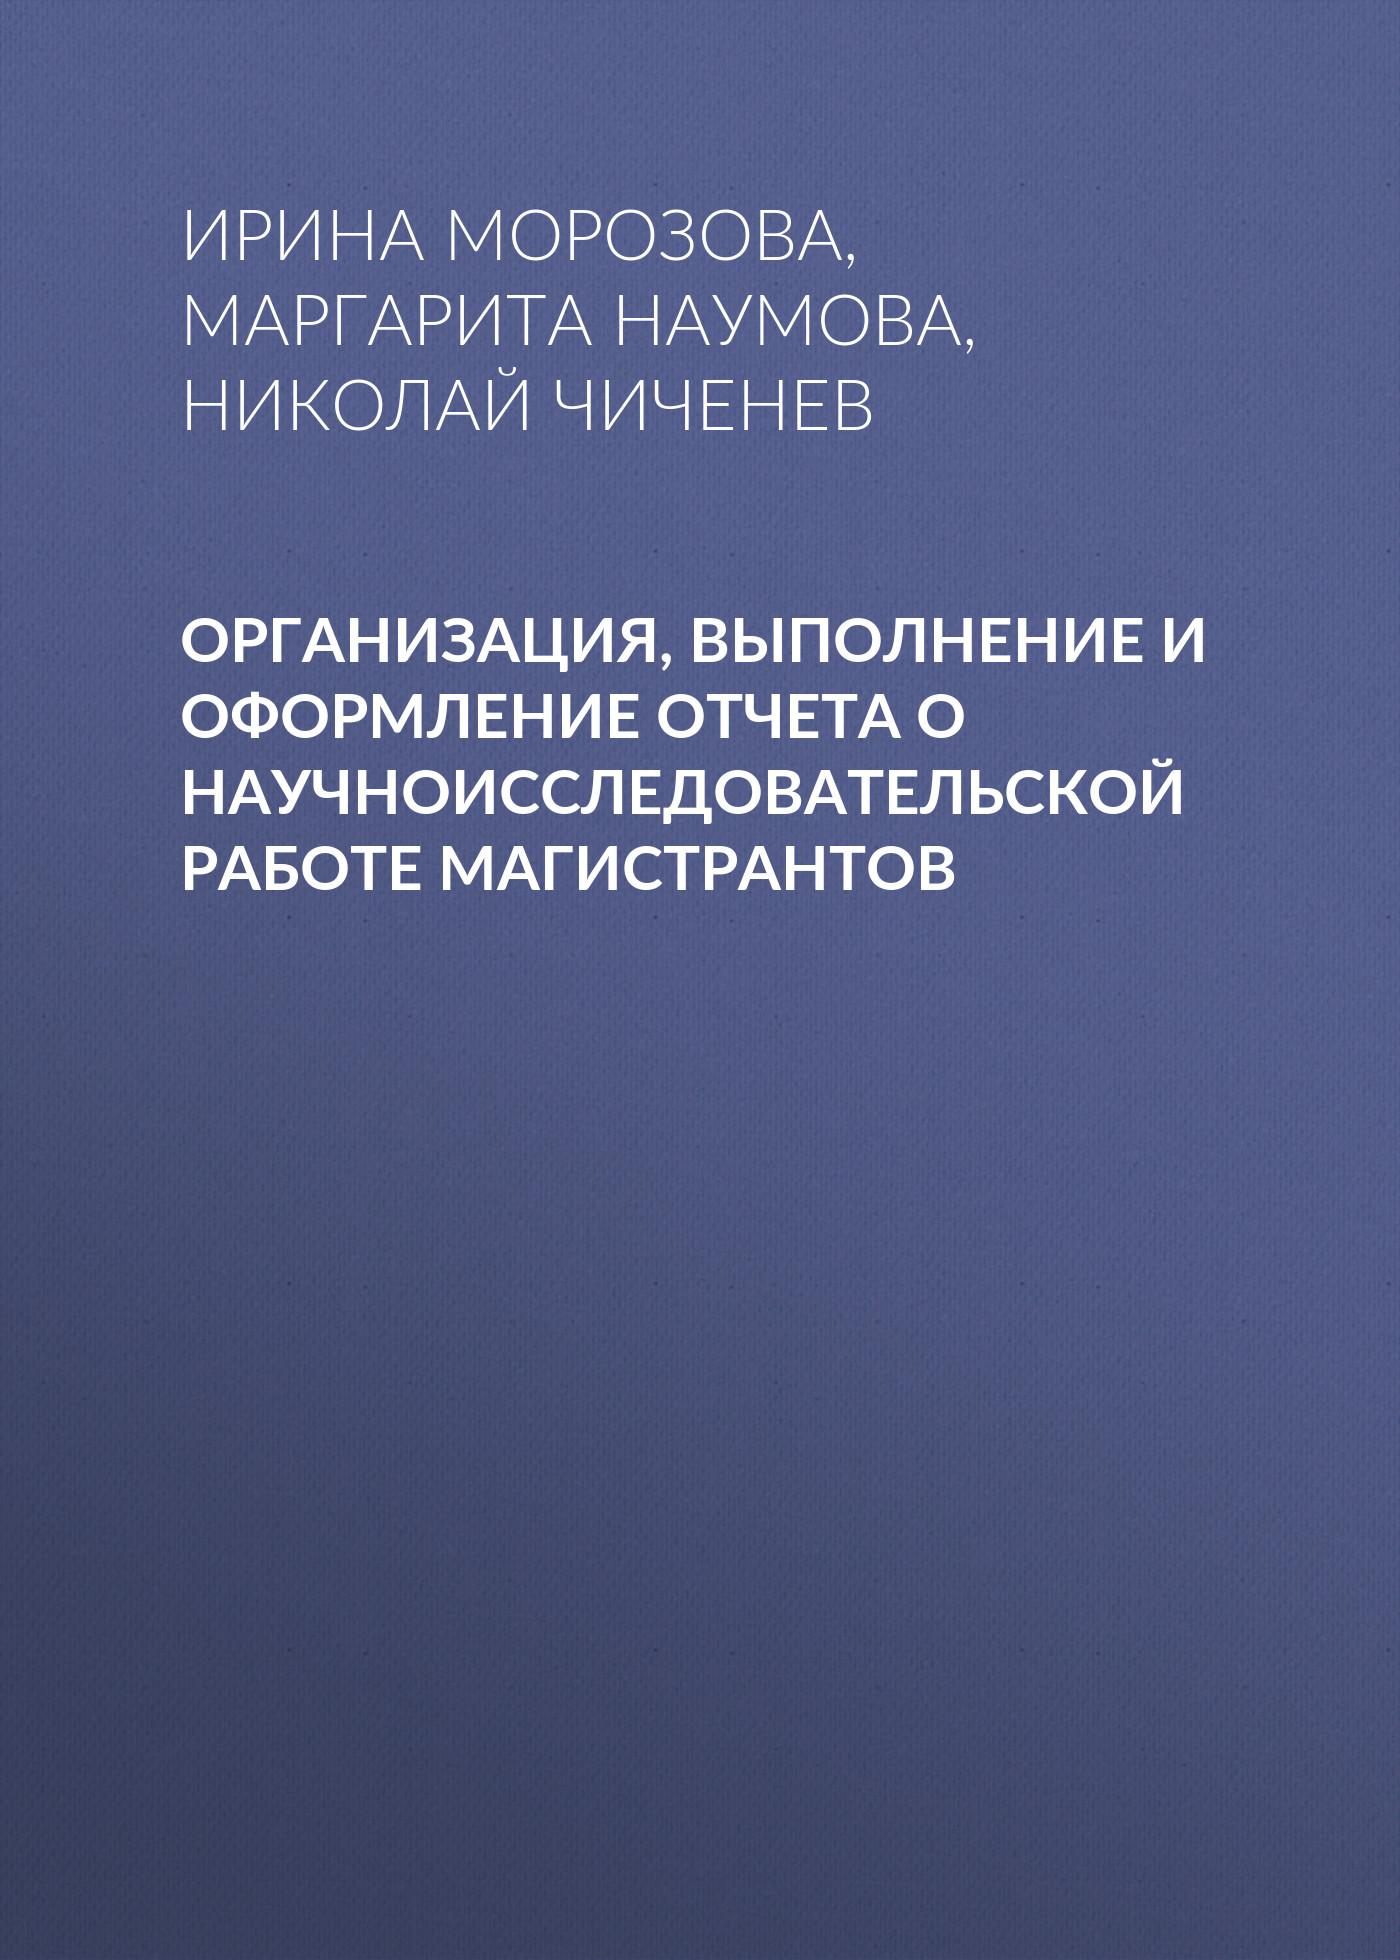 И. Г. Морозова Организация, выполнение и оформление отчета о научноисследовательской работе магистрантов